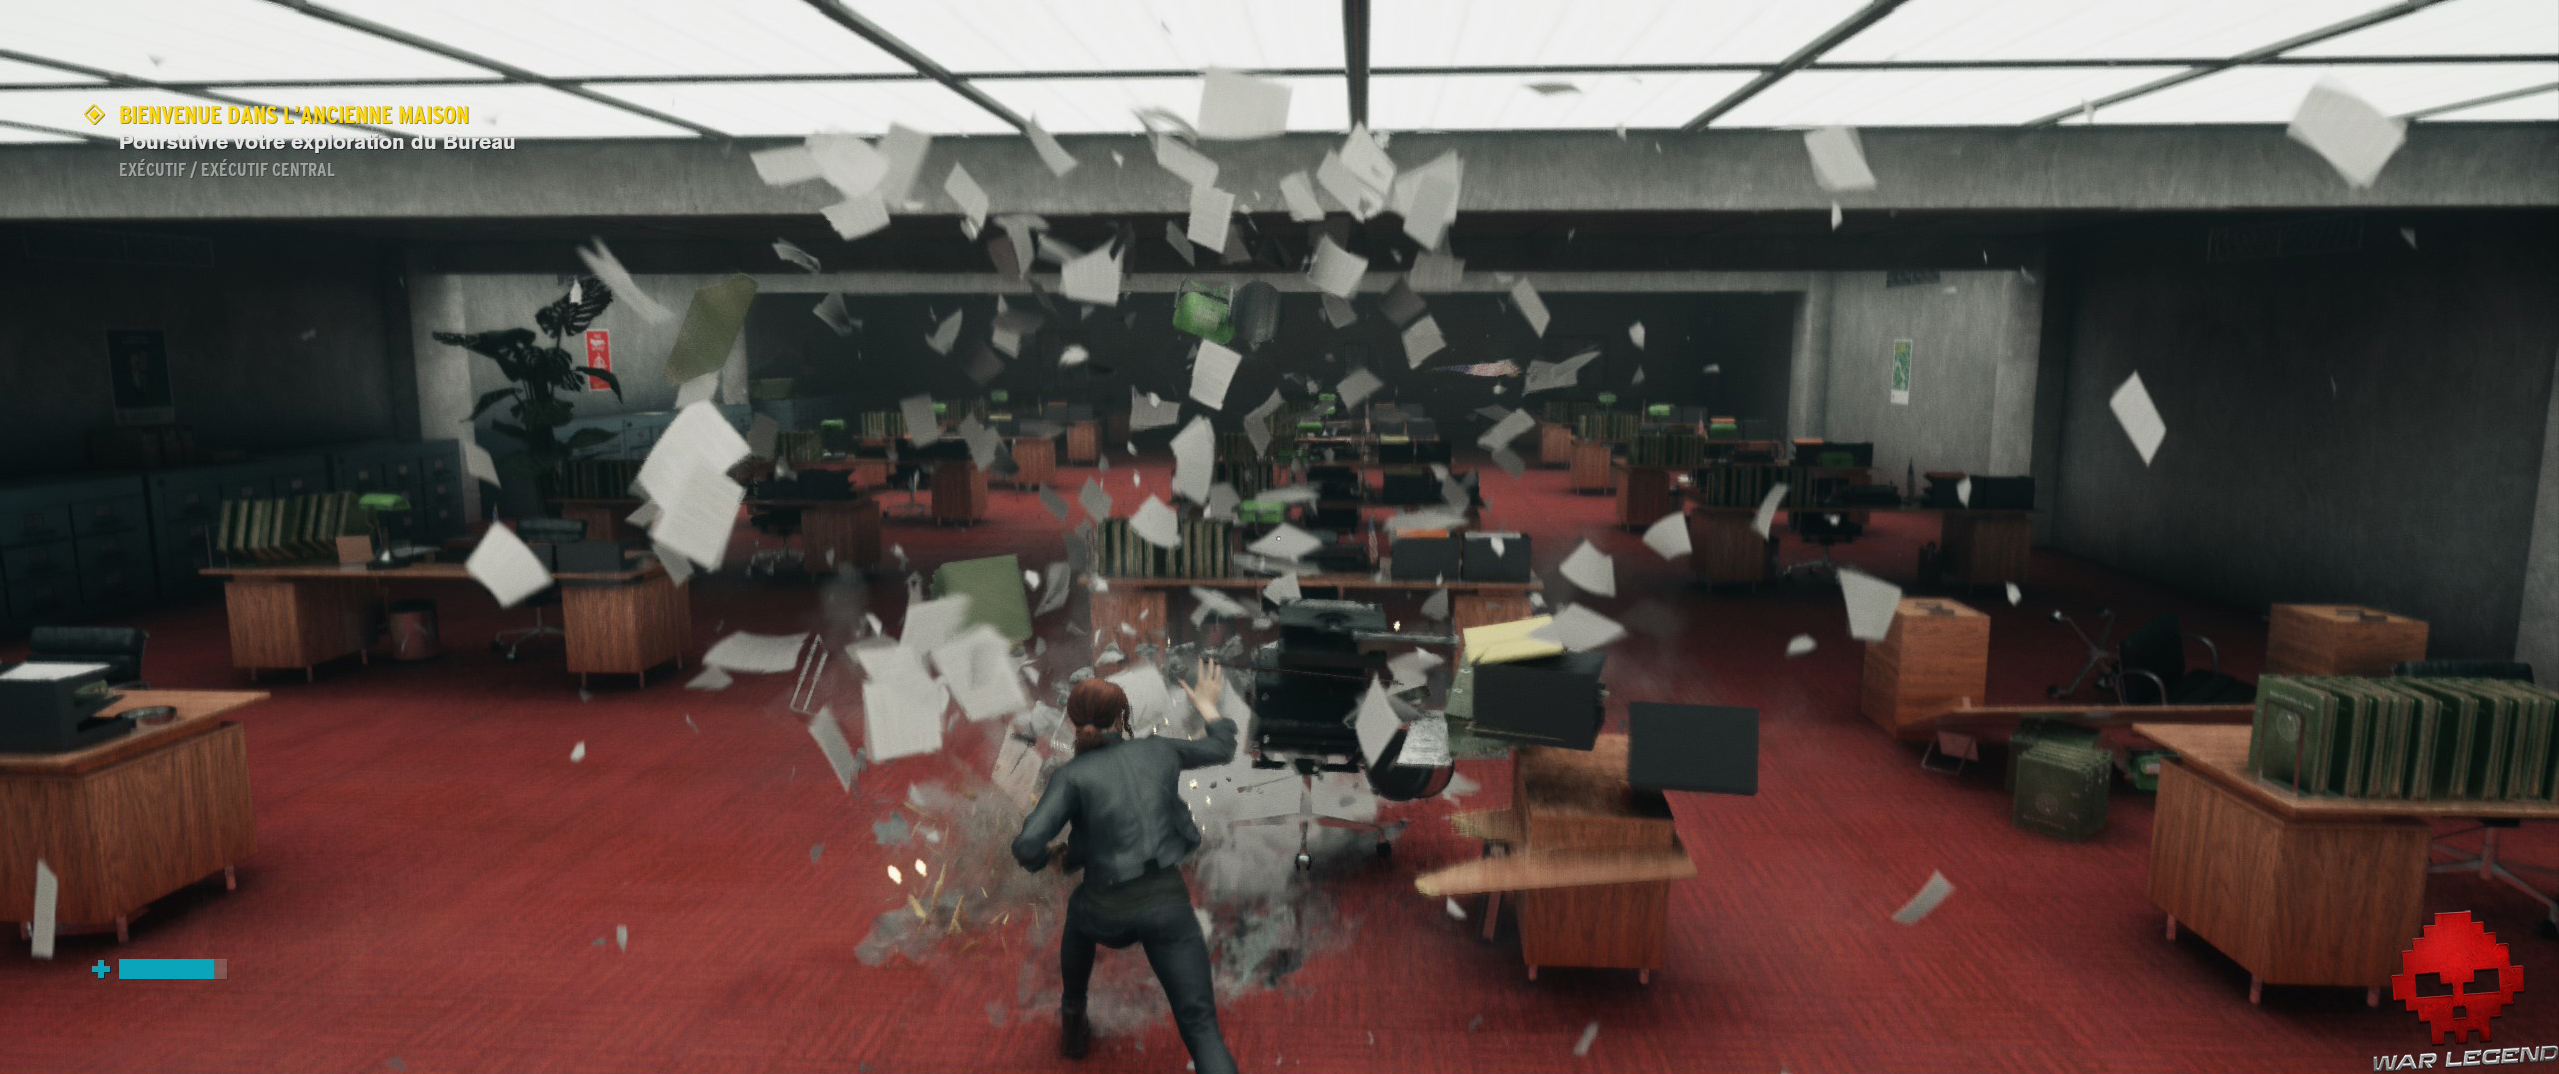 Test Control - explosion de papiers